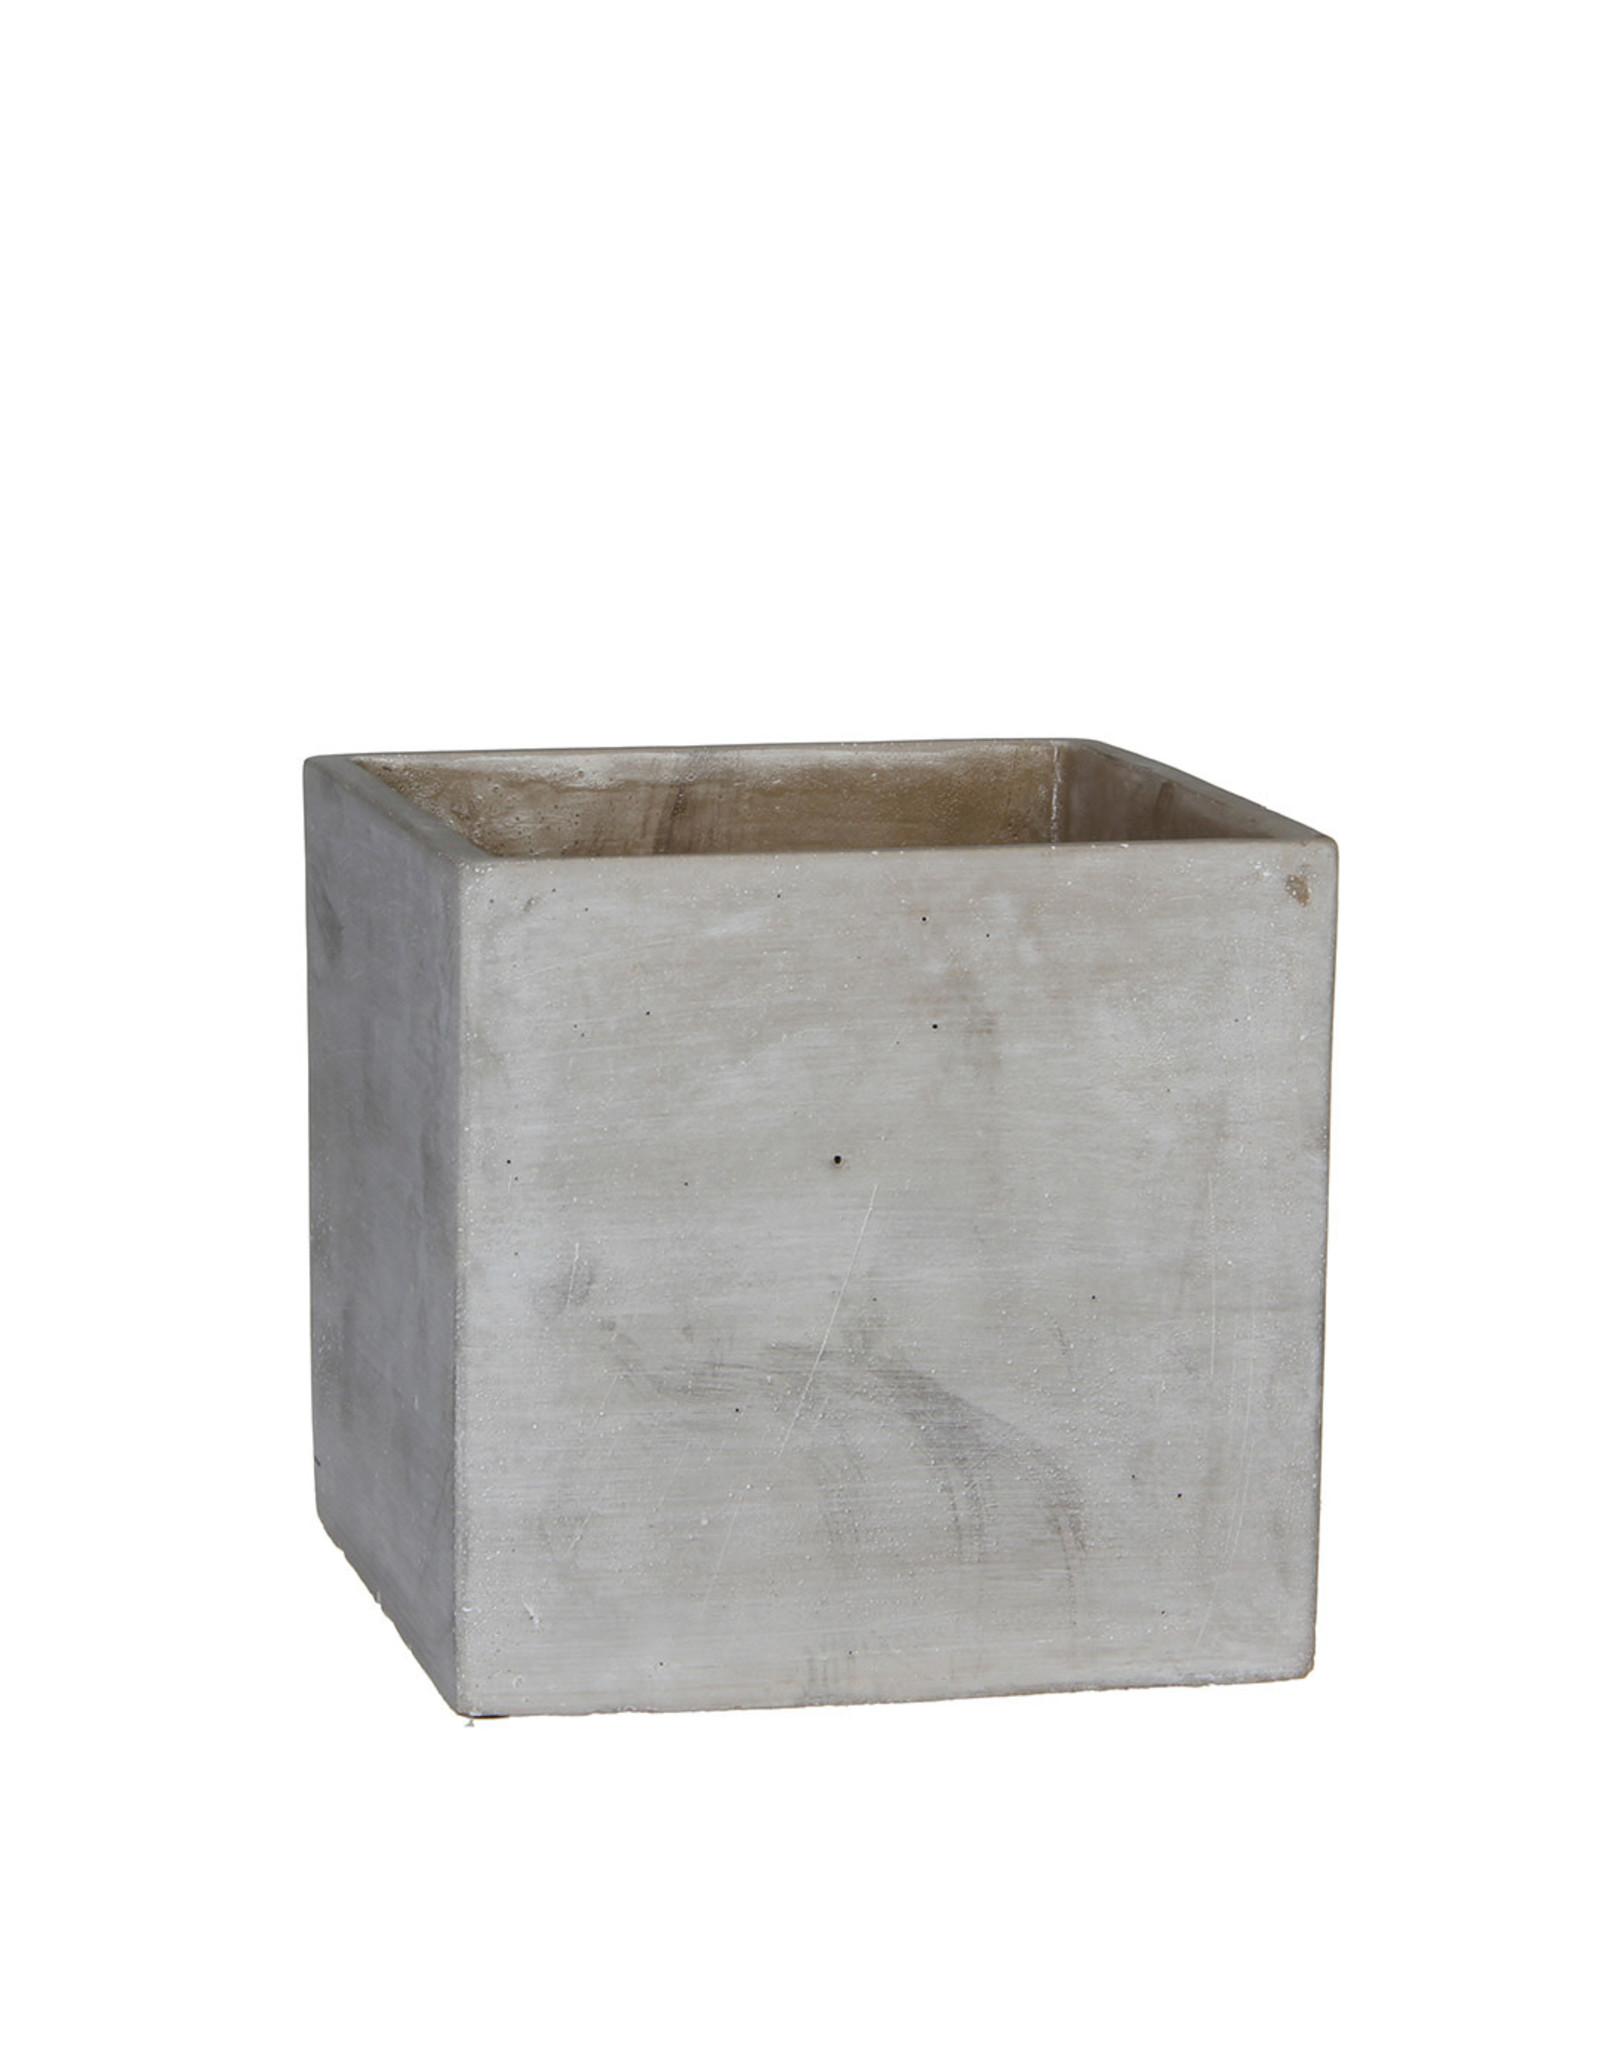 Mica Cliff Pot - Beige